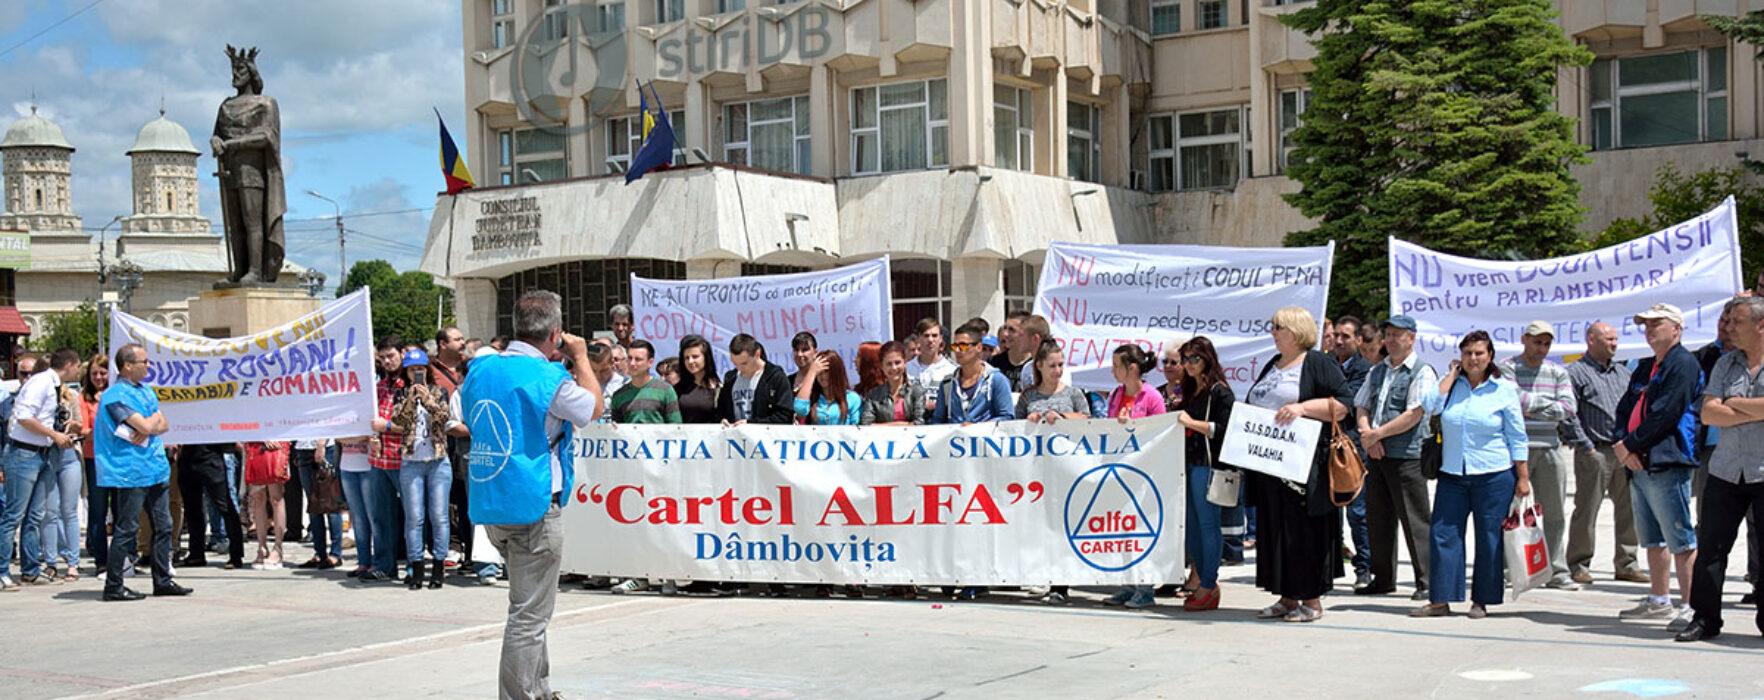 Dâmboviţa: Sindicaliştii au protestat faţă de pensiile speciale ale parlamentarilor